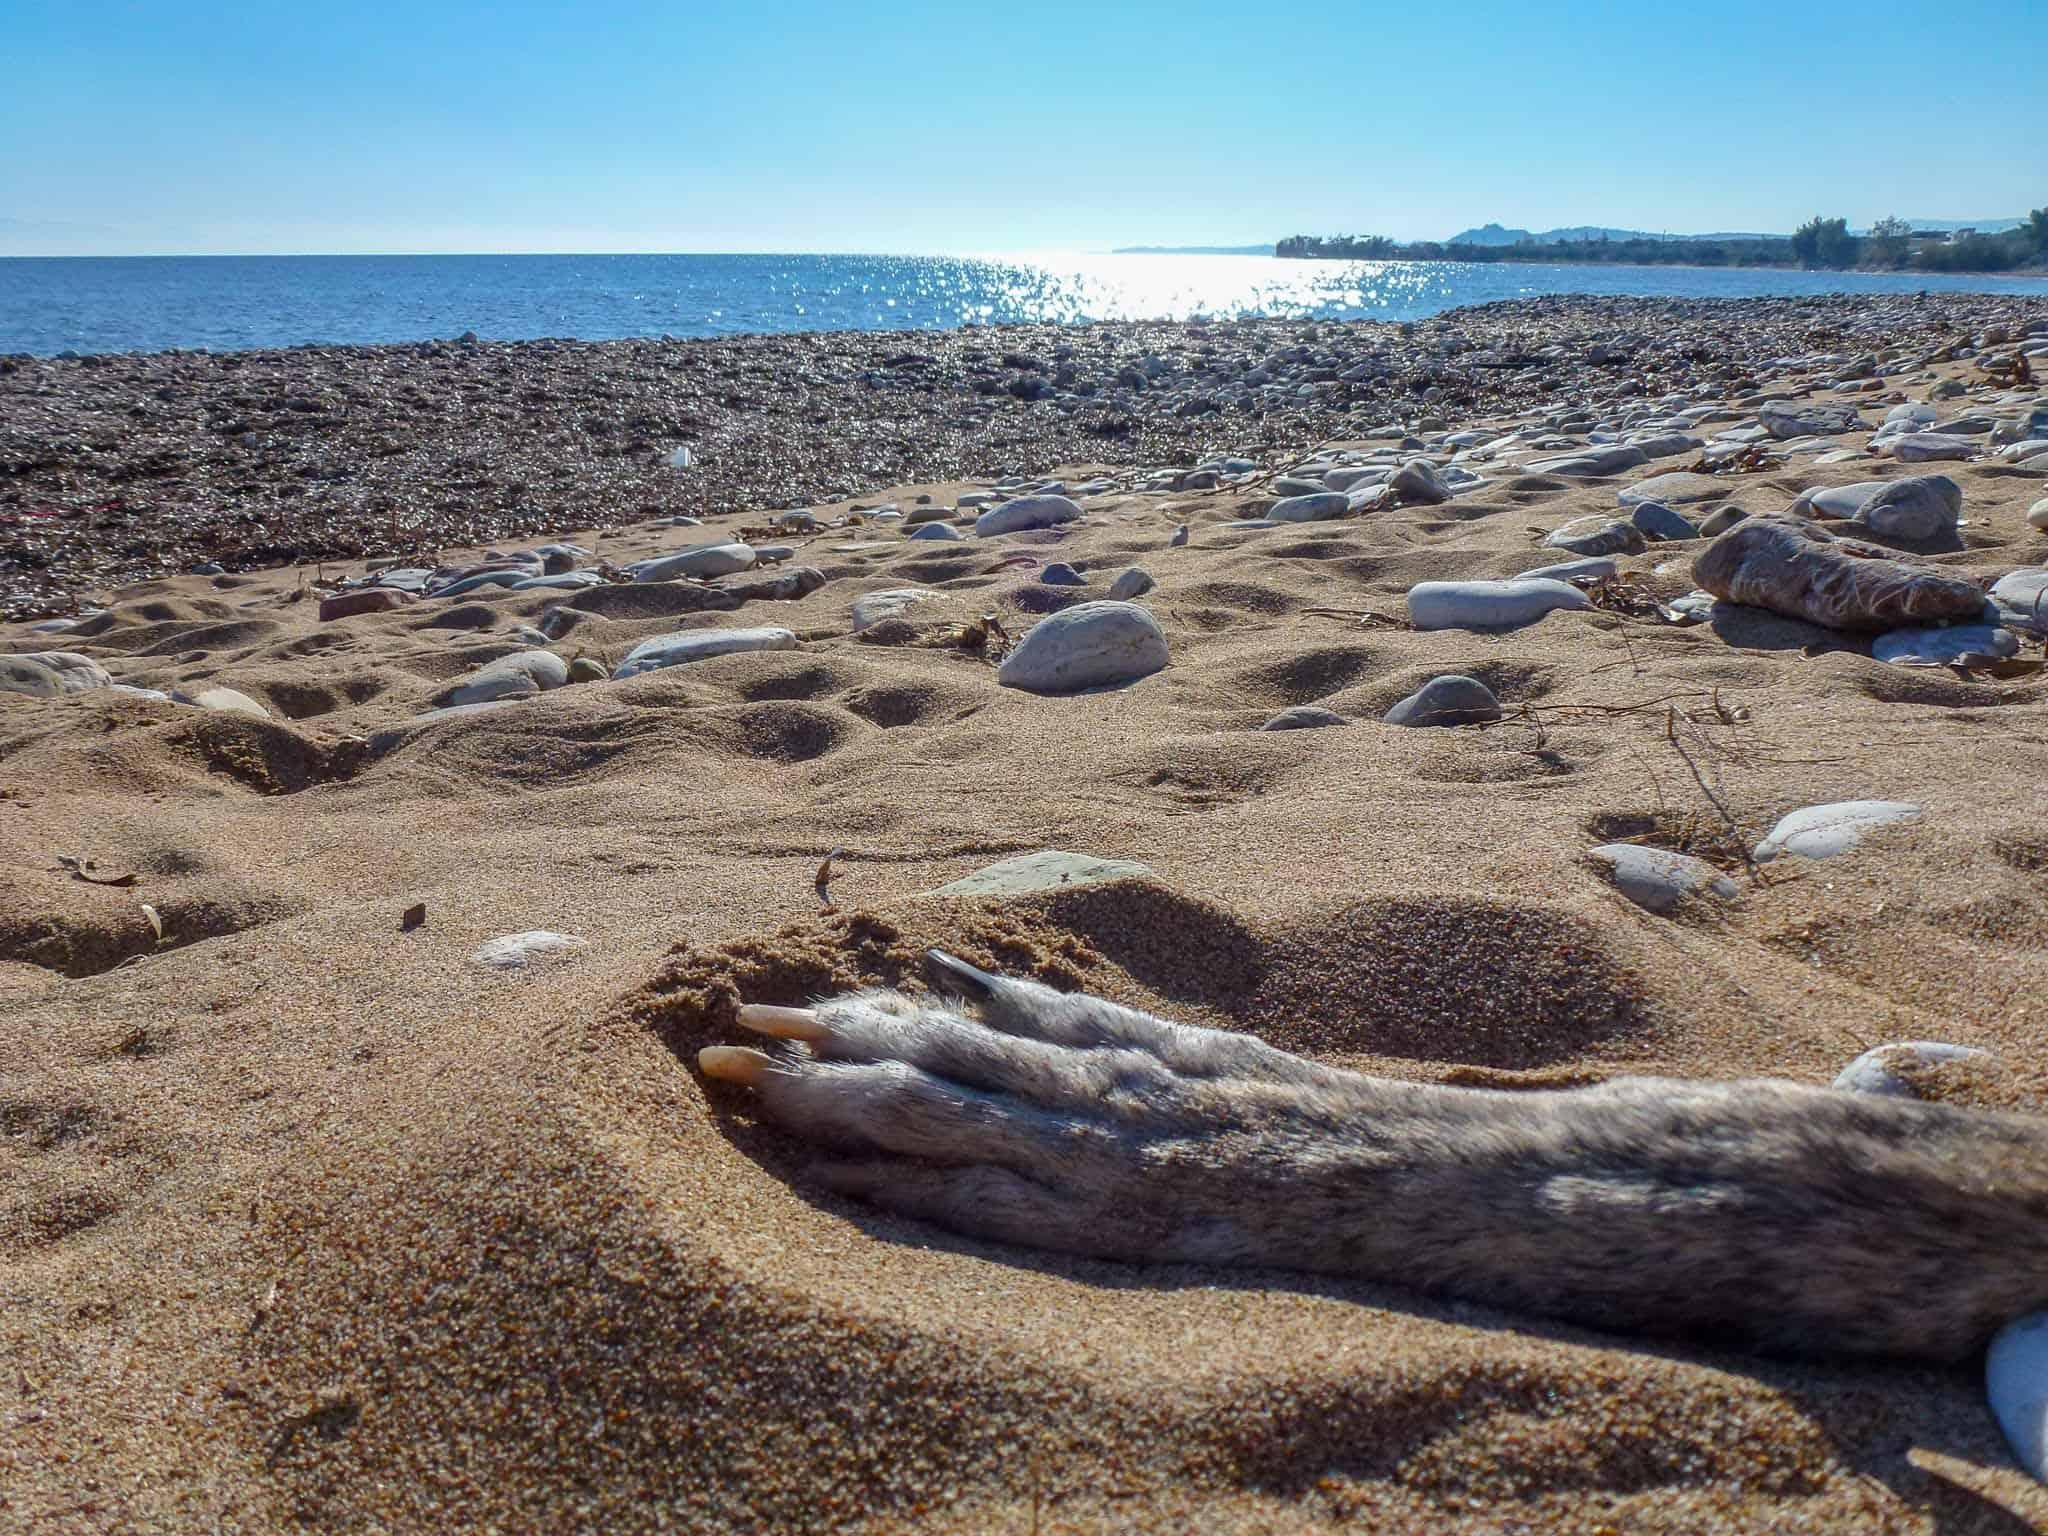 Hundereise Strand Griechenland